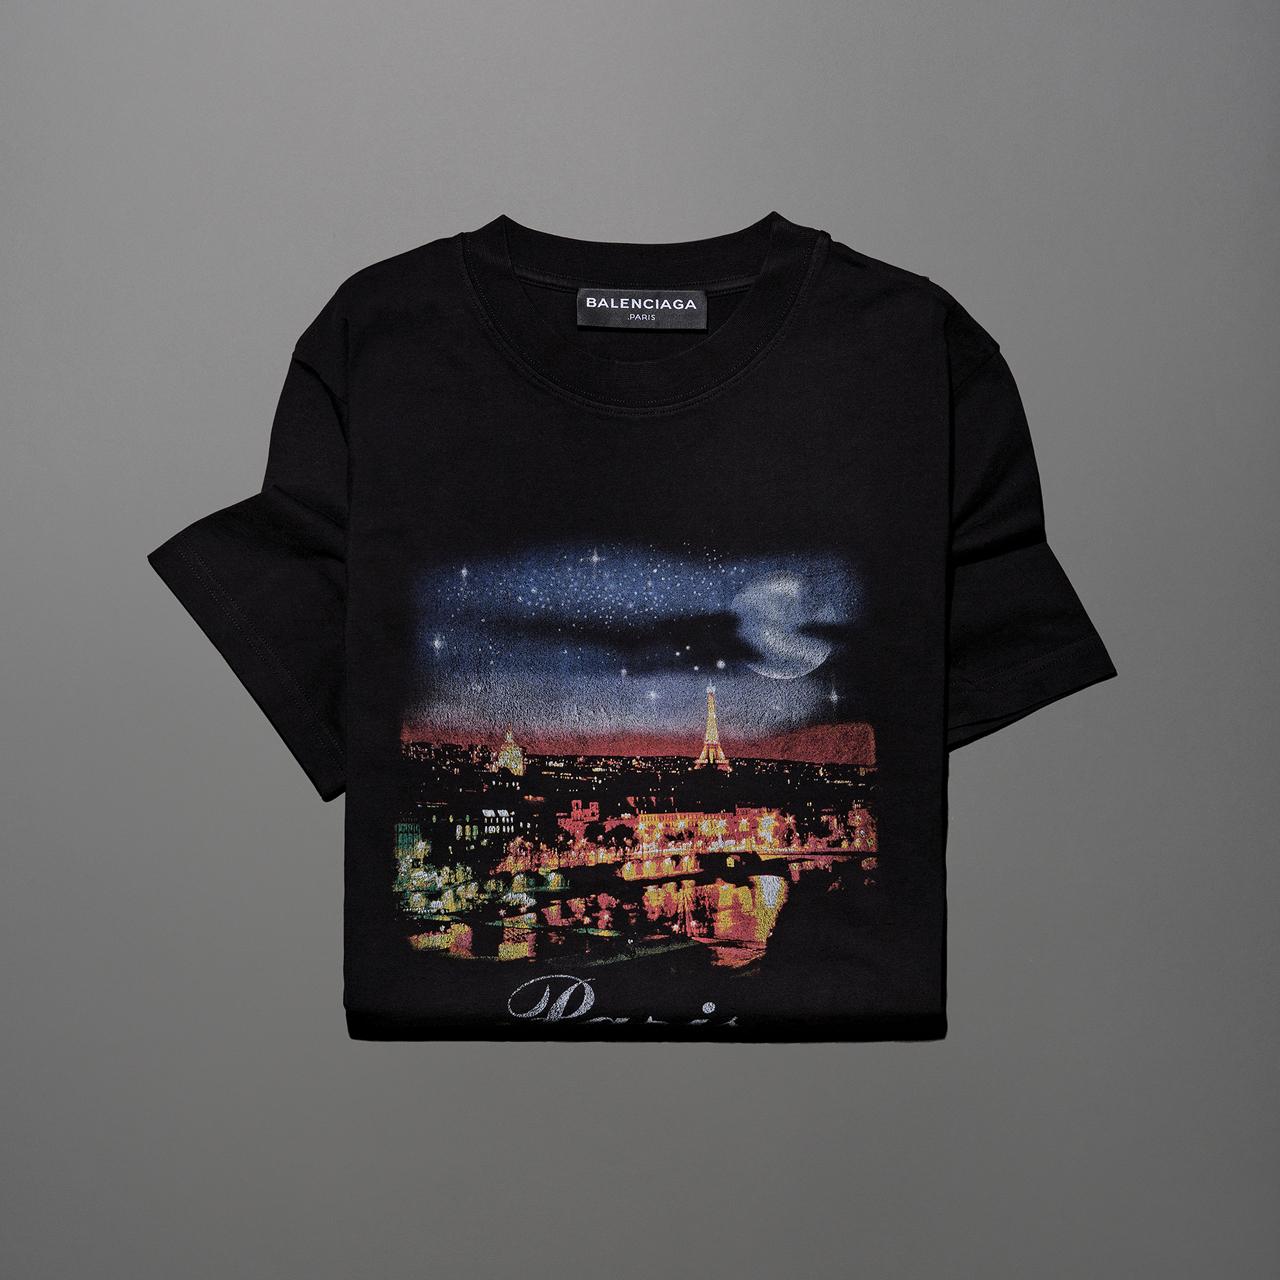 파리의 전경을 그려 넣은 티셔츠 36만원 발렌시아가.